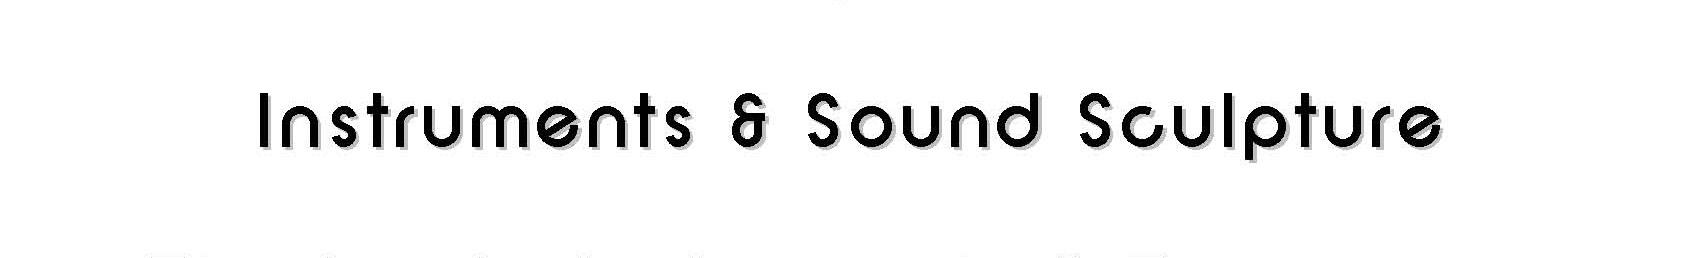 instruments & sound sculpture